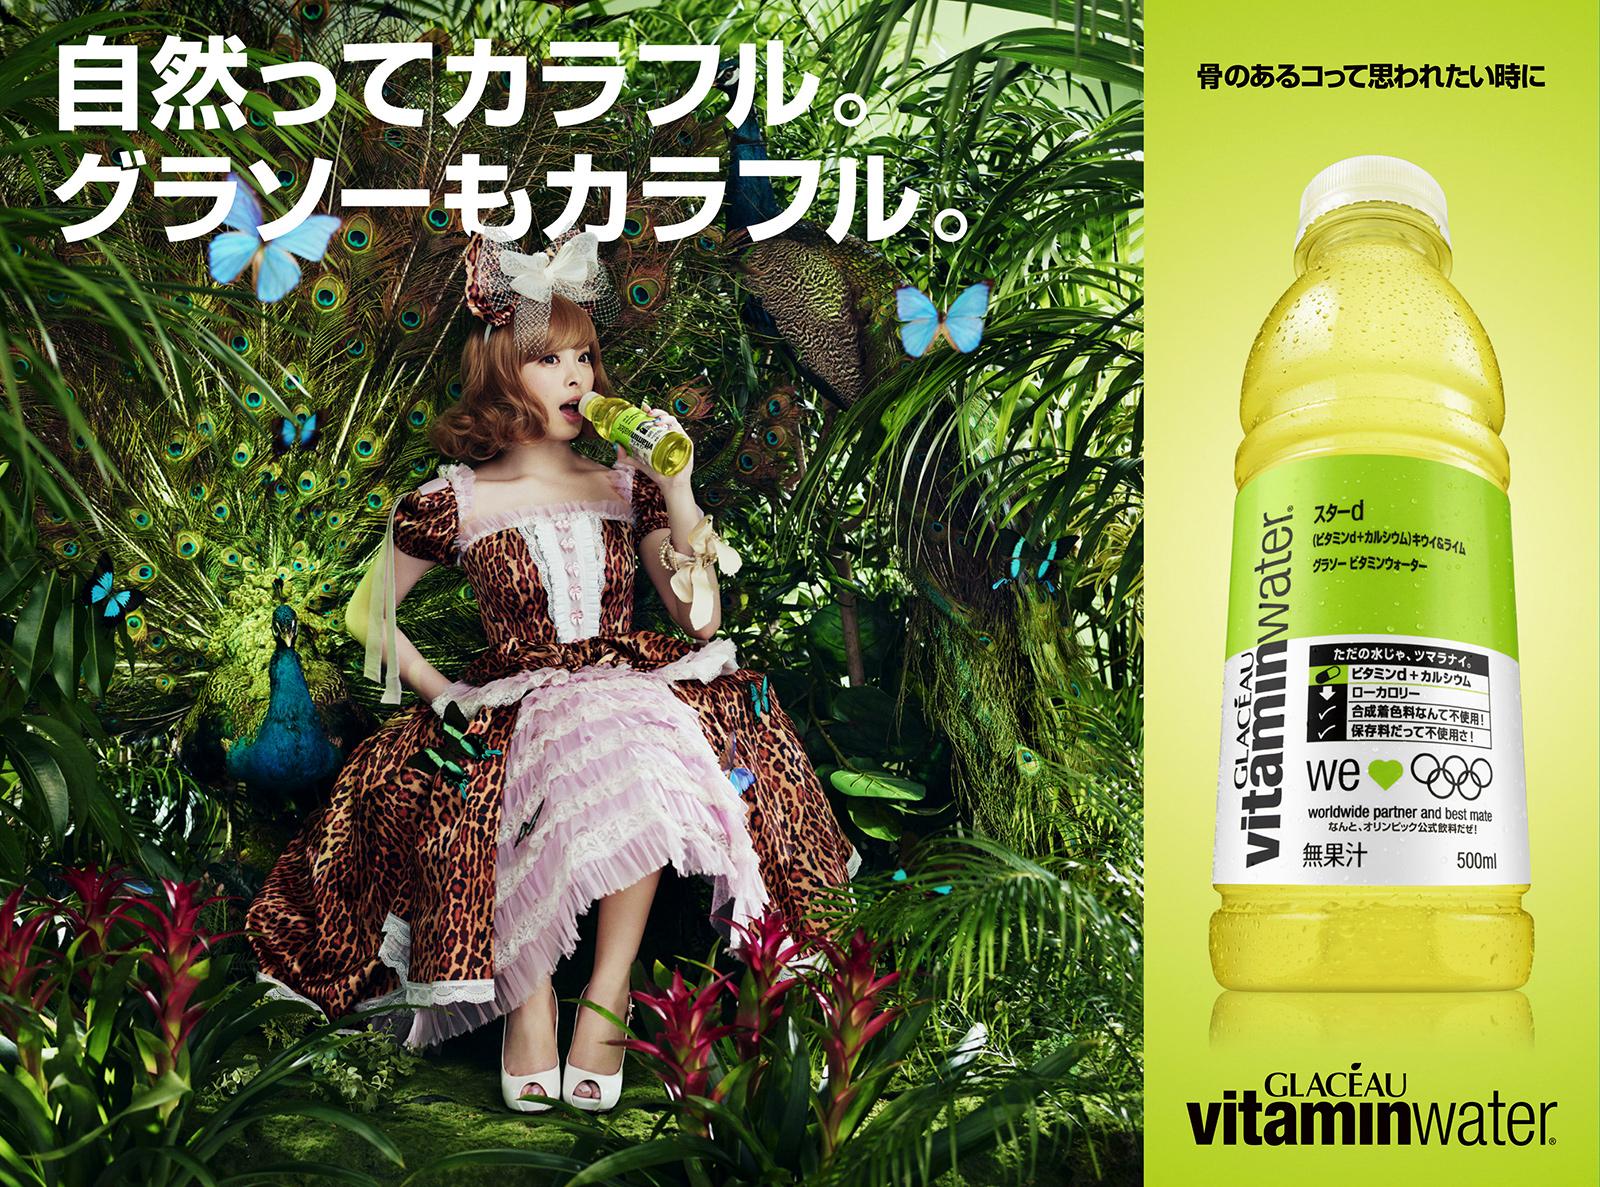 2012年広告